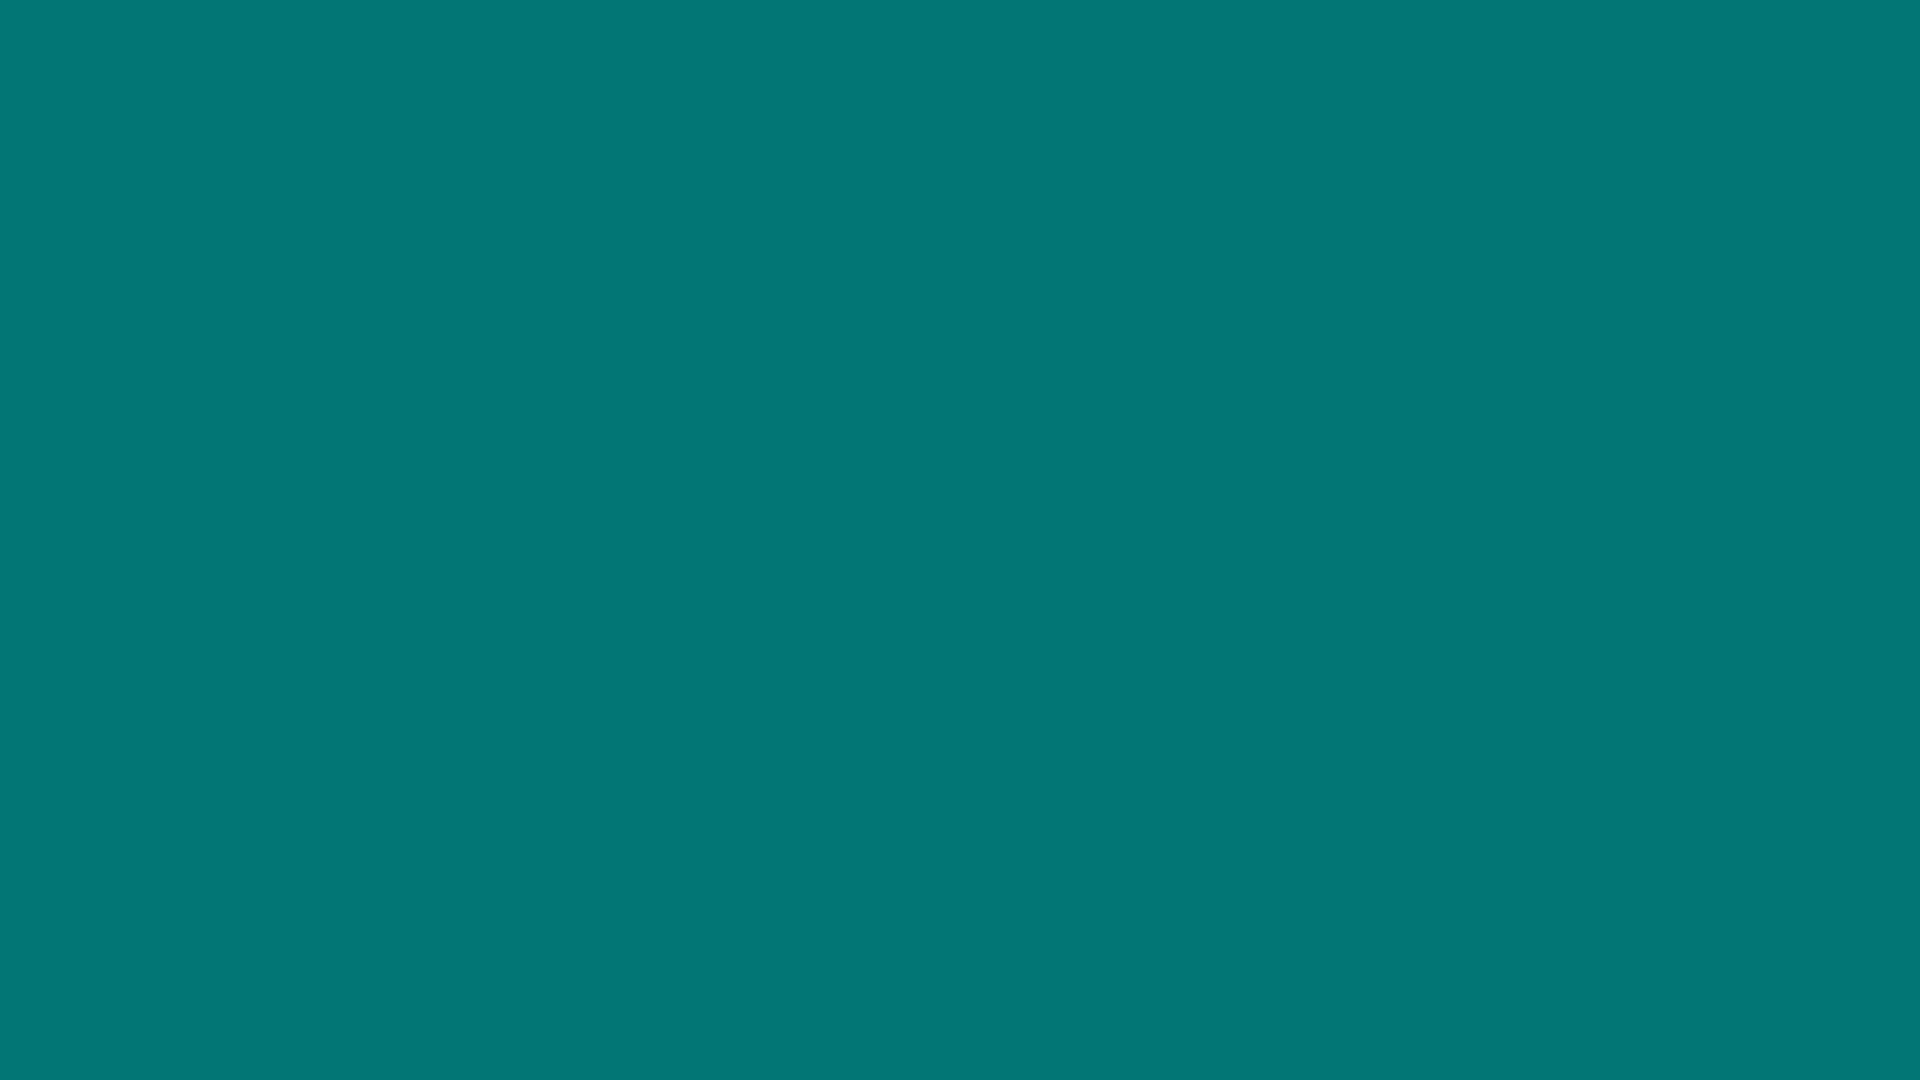 [공지] 국가기초구역 체계로의 우편번호 개편